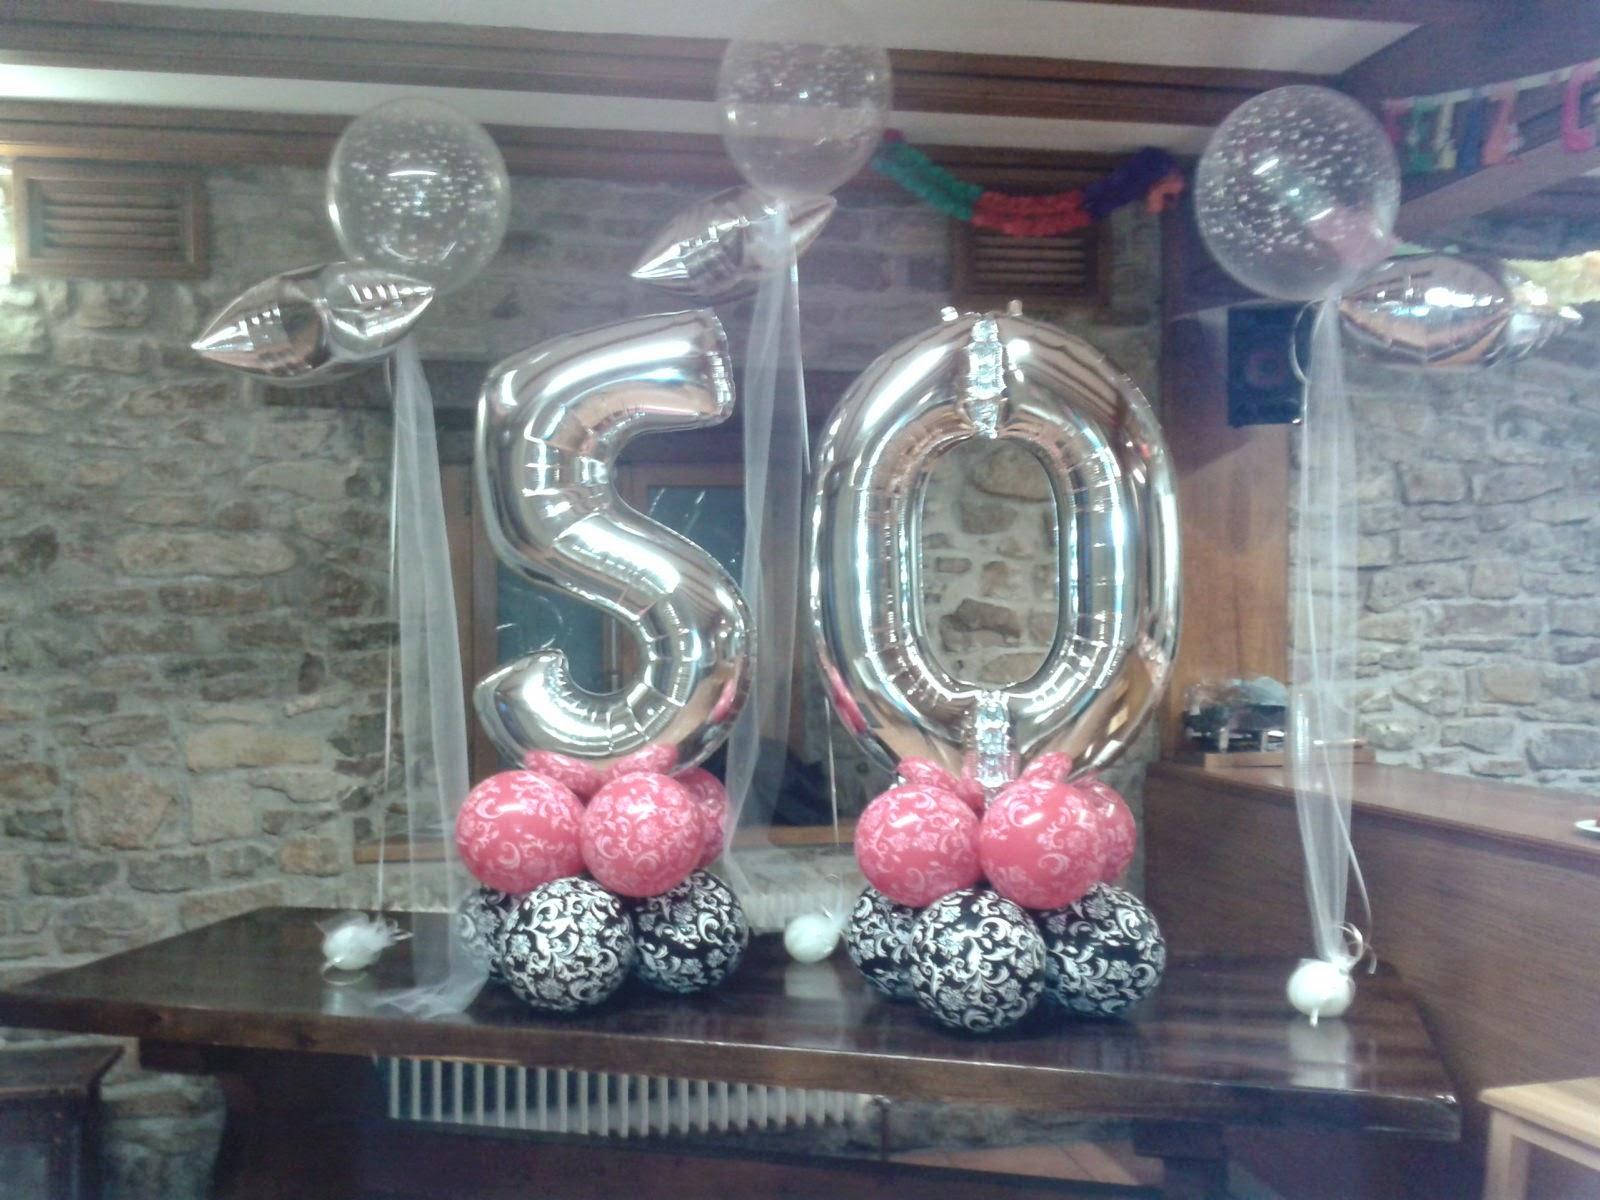 Celebrando las bodas de oro. 50 años de casados!!! Toda la familia preparó esta fiesta tan especial.